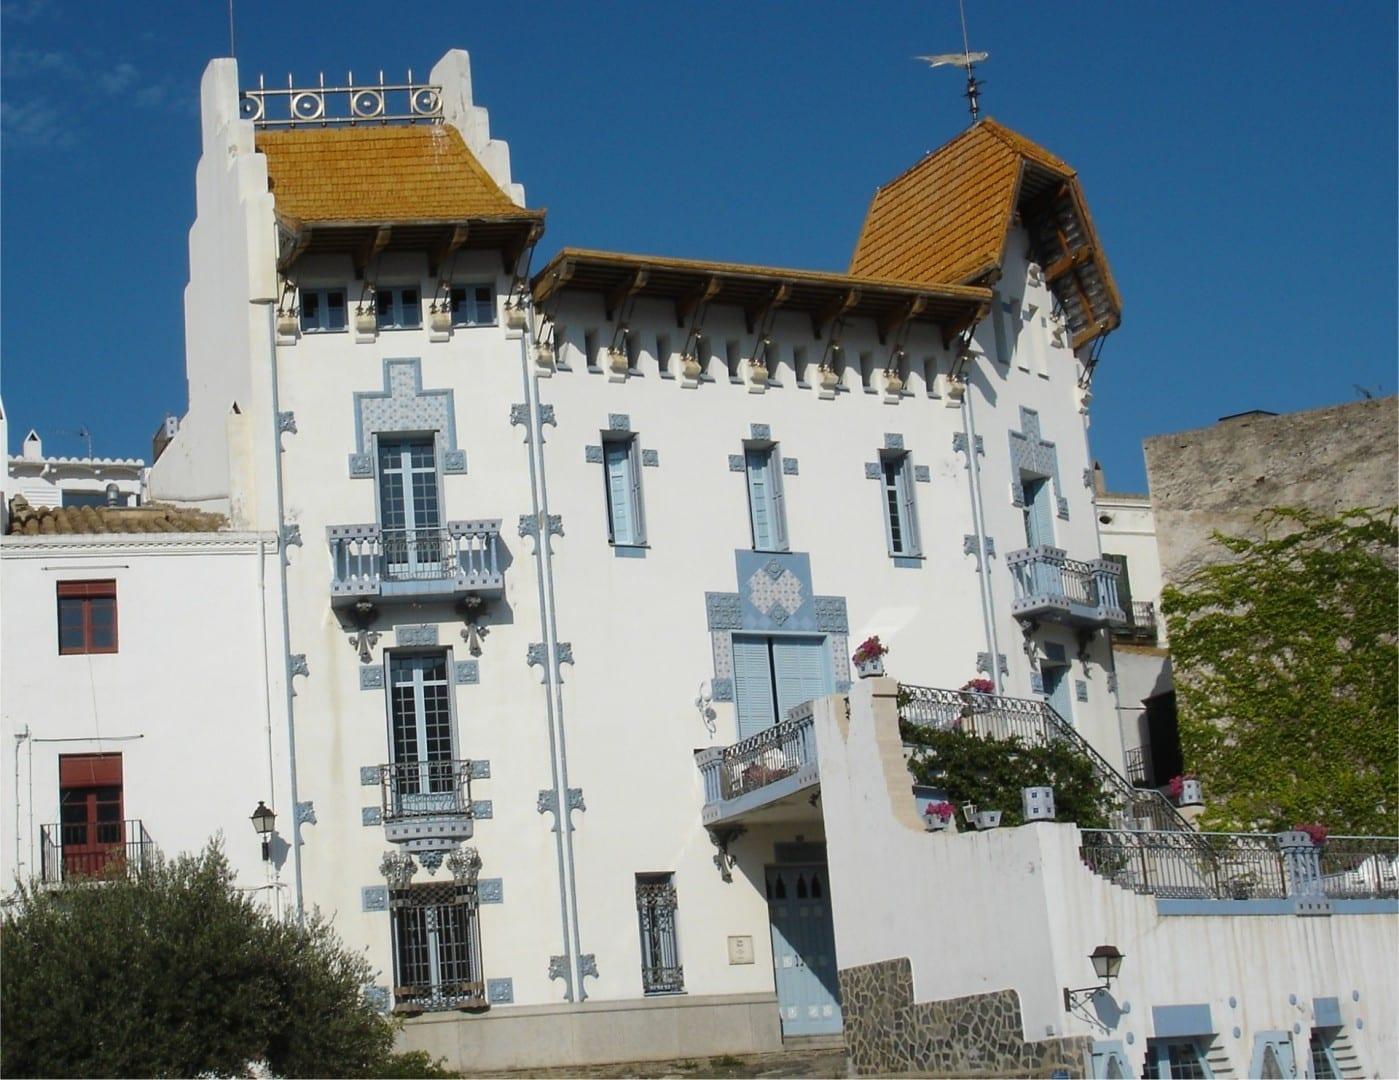 La casa azul de Cadaqués Cadaqués España